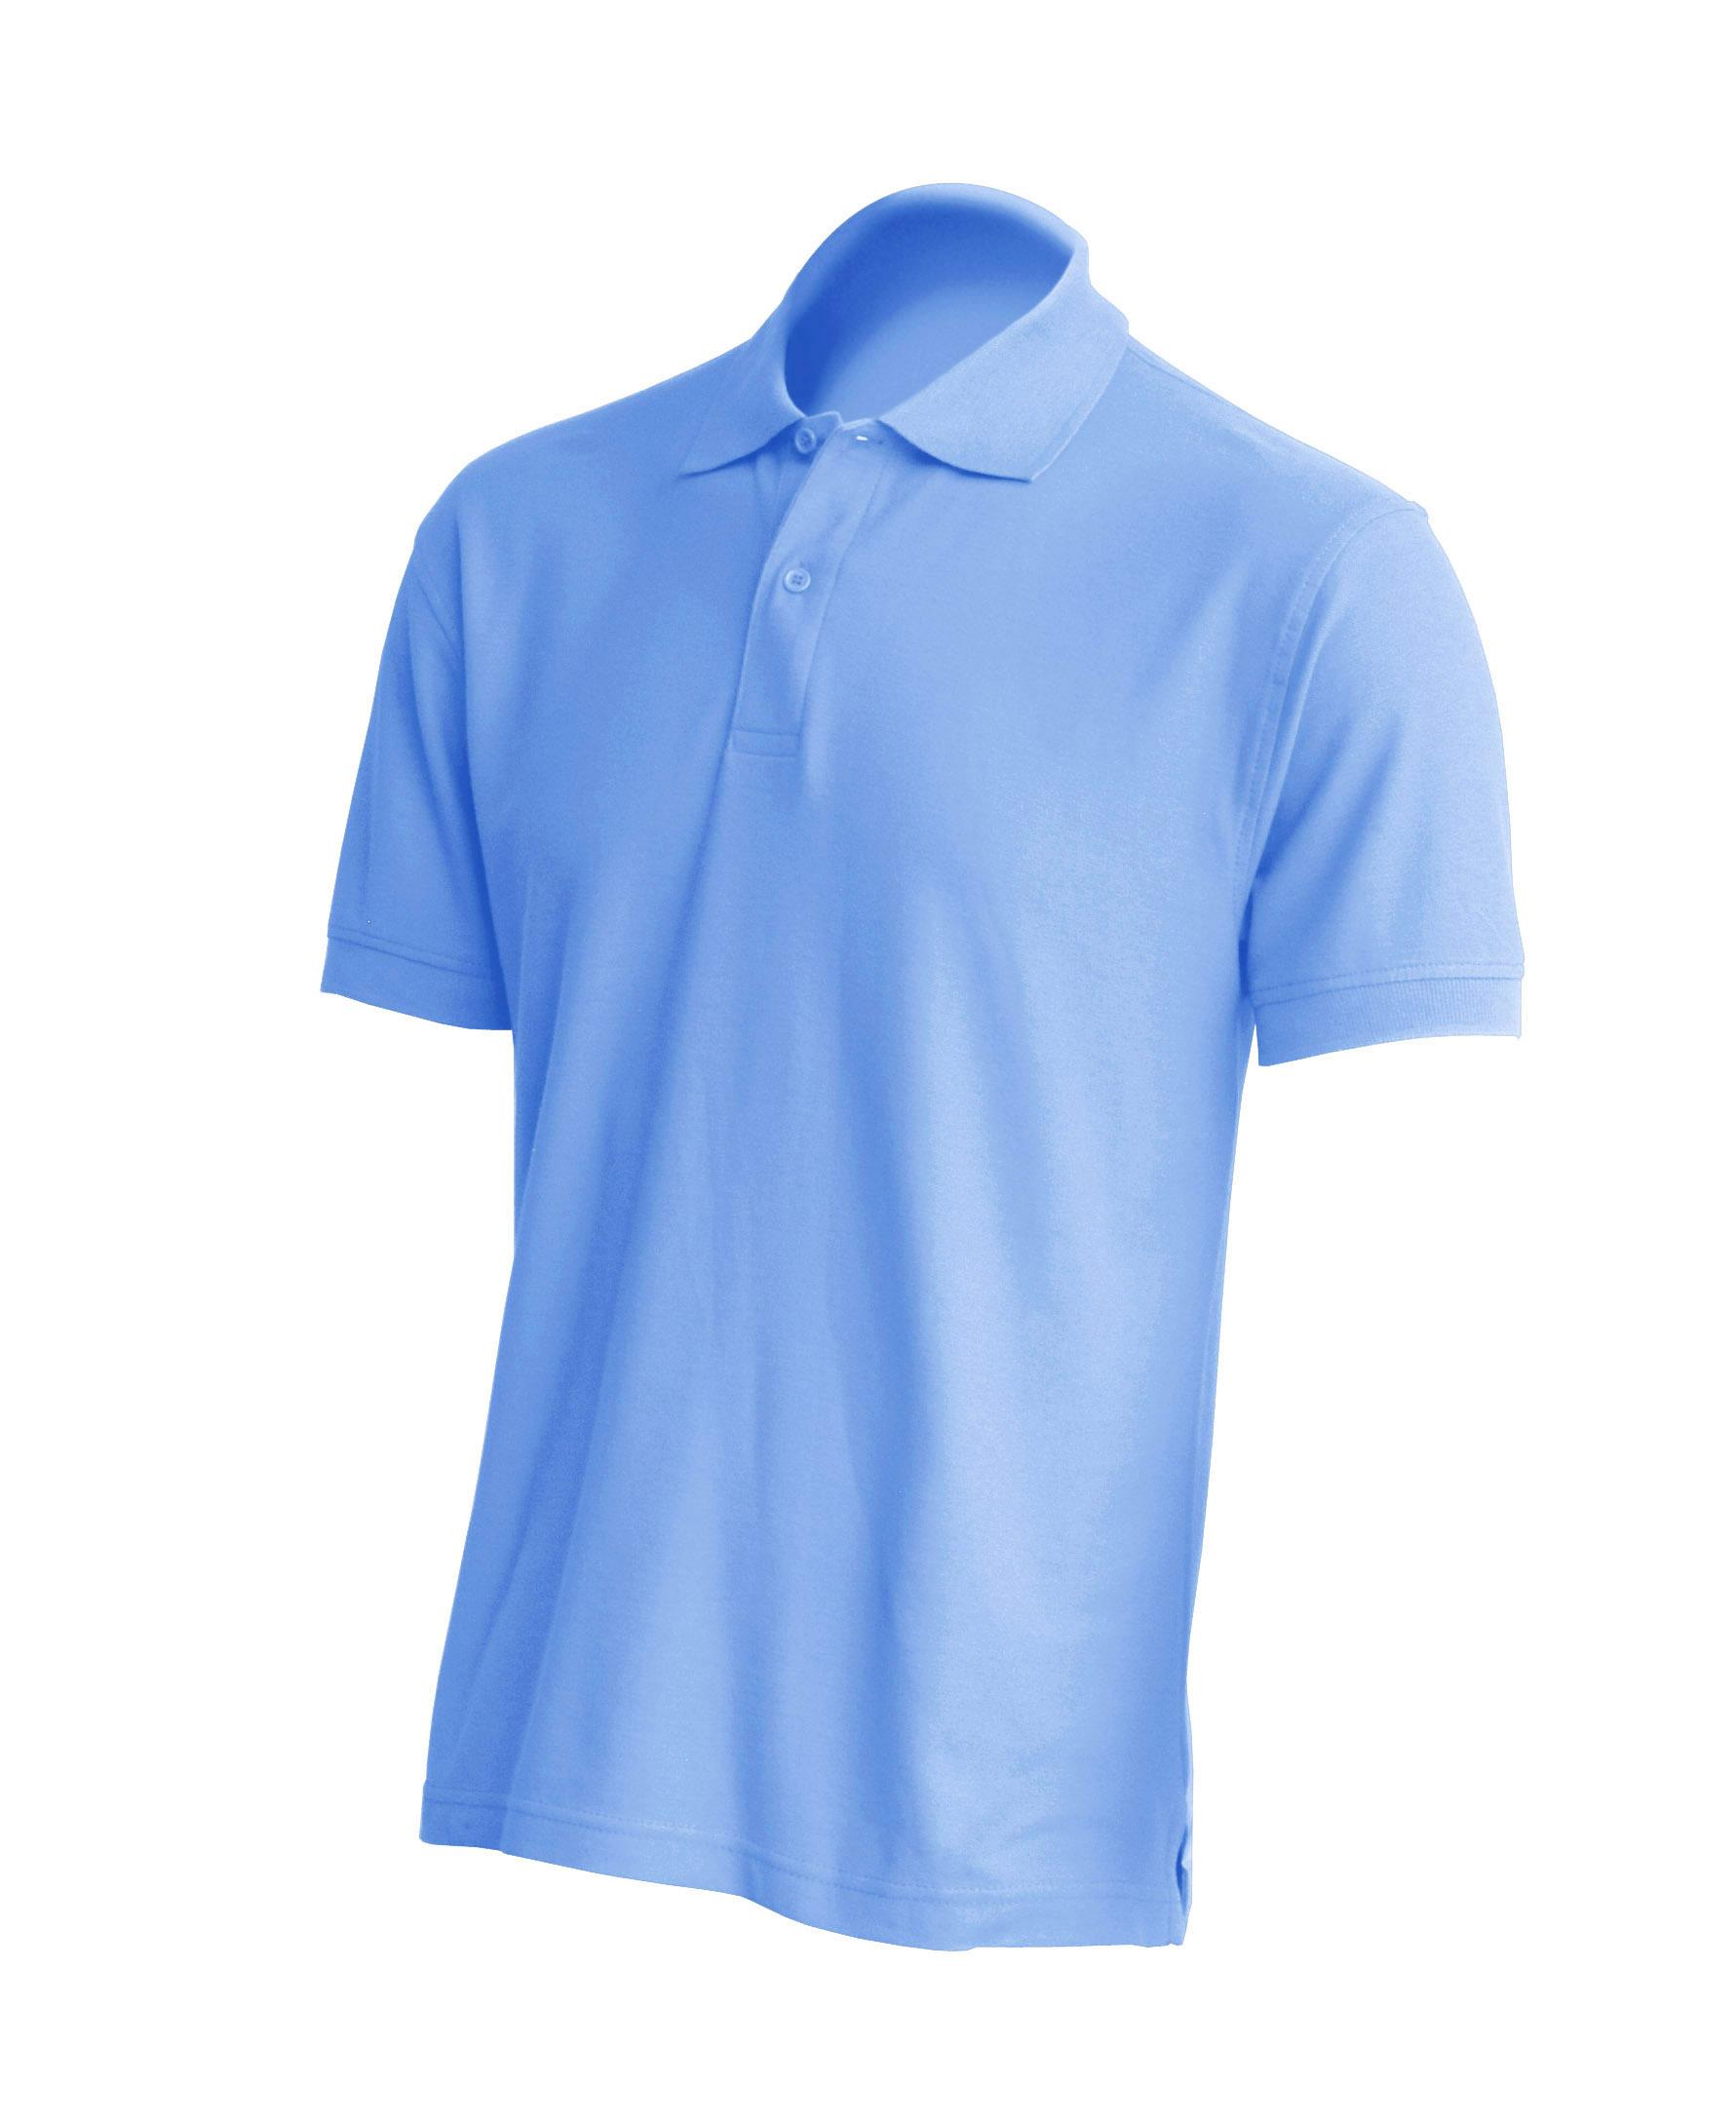 Muška polo majica kratkih rukava, svjetlo plava